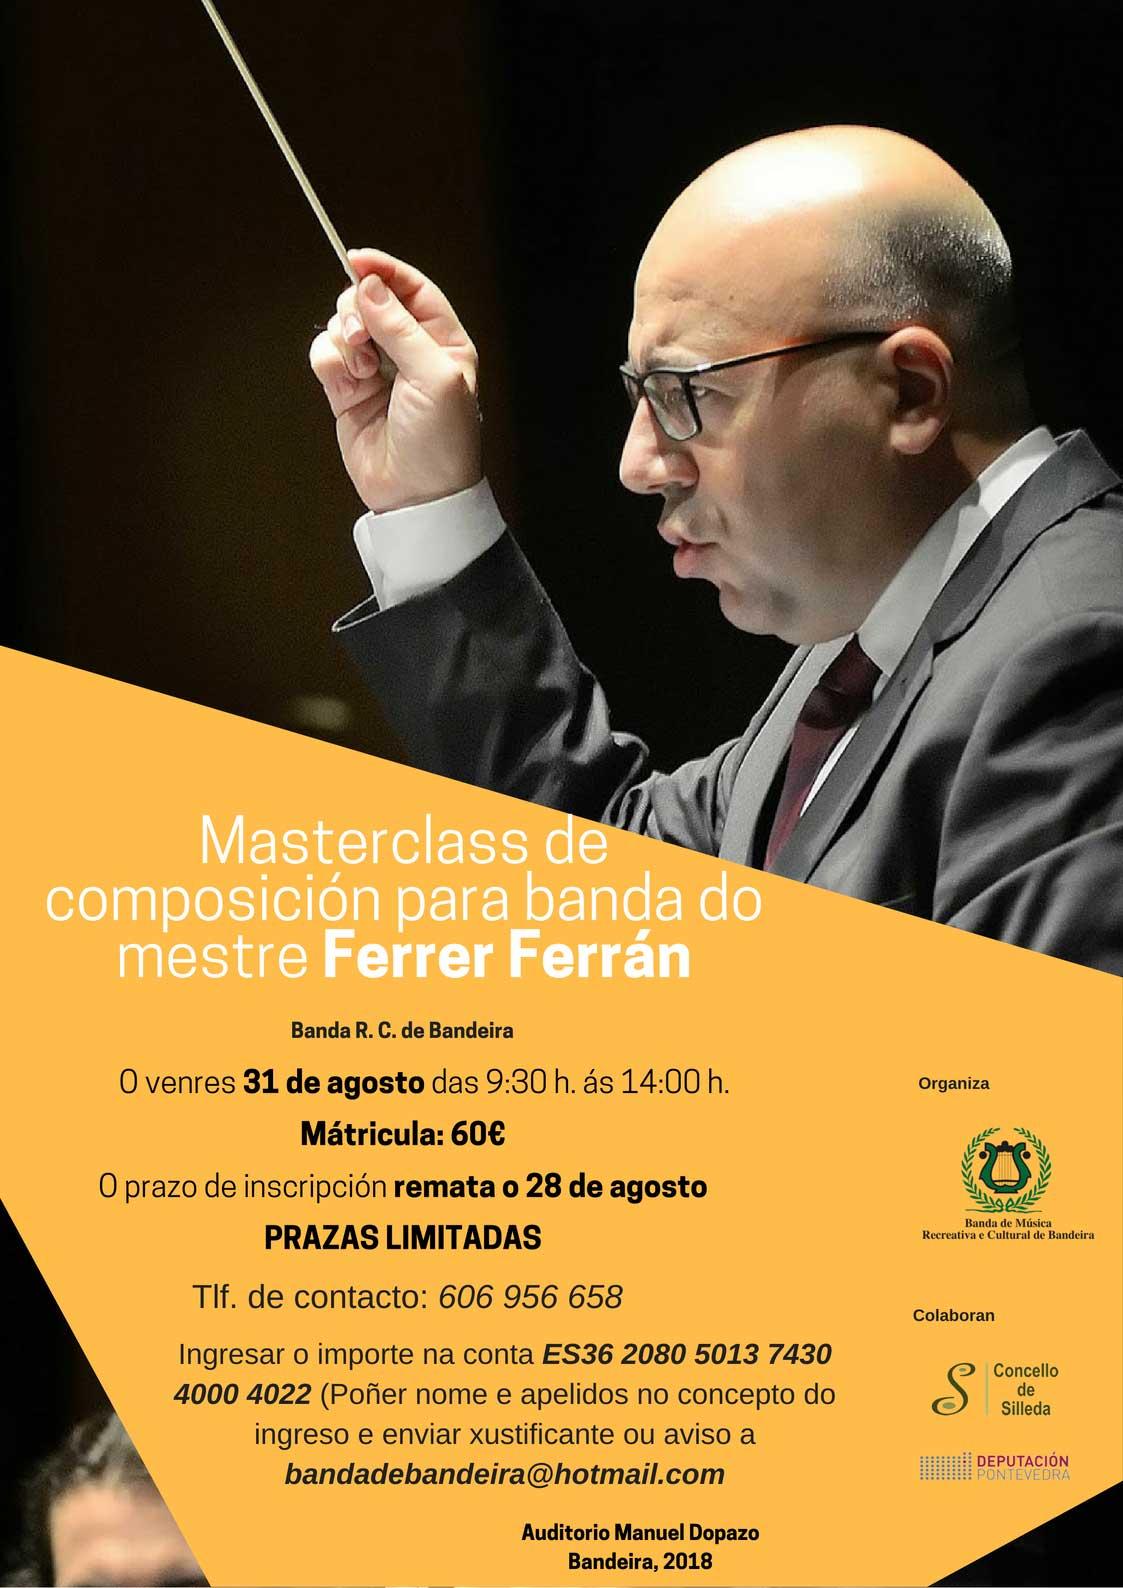 Masterclass De Composición Con Ferrer Ferrán